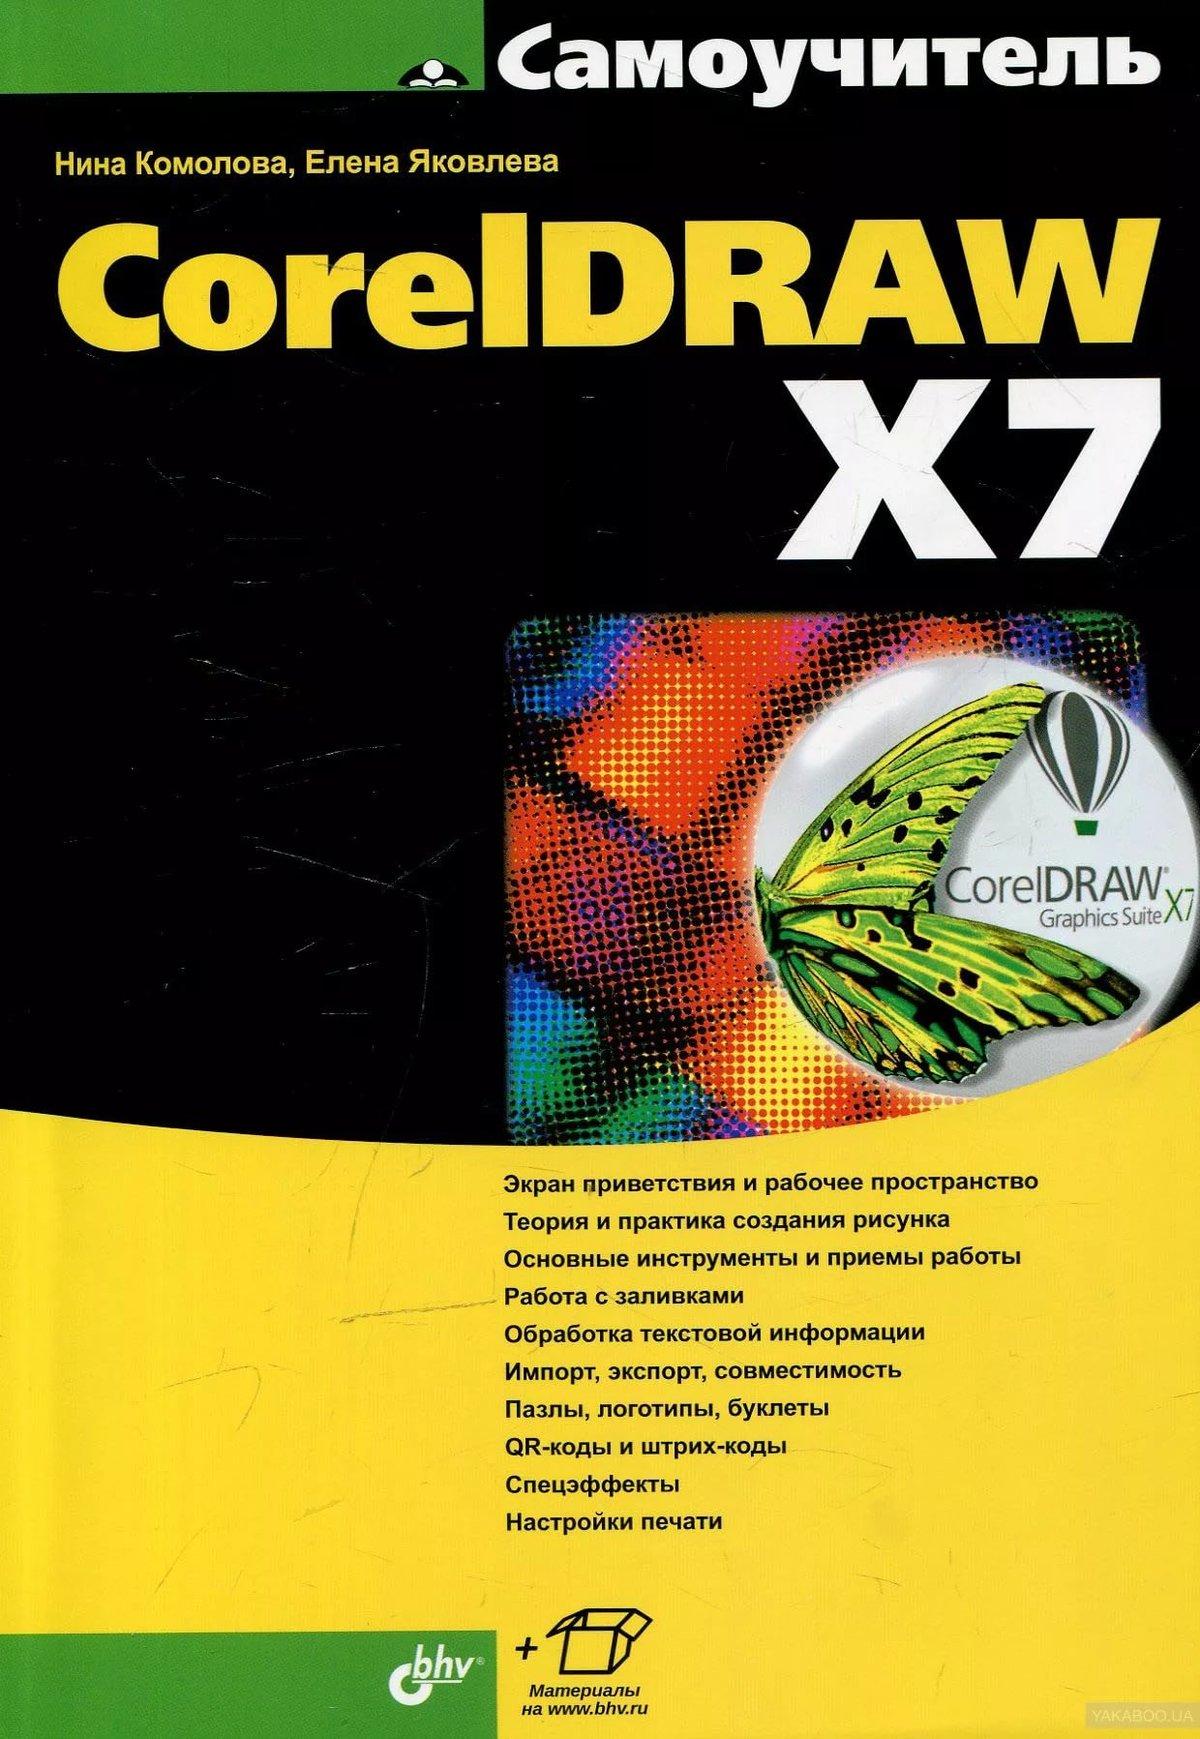 САМОУЧИТЕЛЬ CORELDRAW X7 КОМОЛОВА СКАЧАТЬ БЕСПЛАТНО